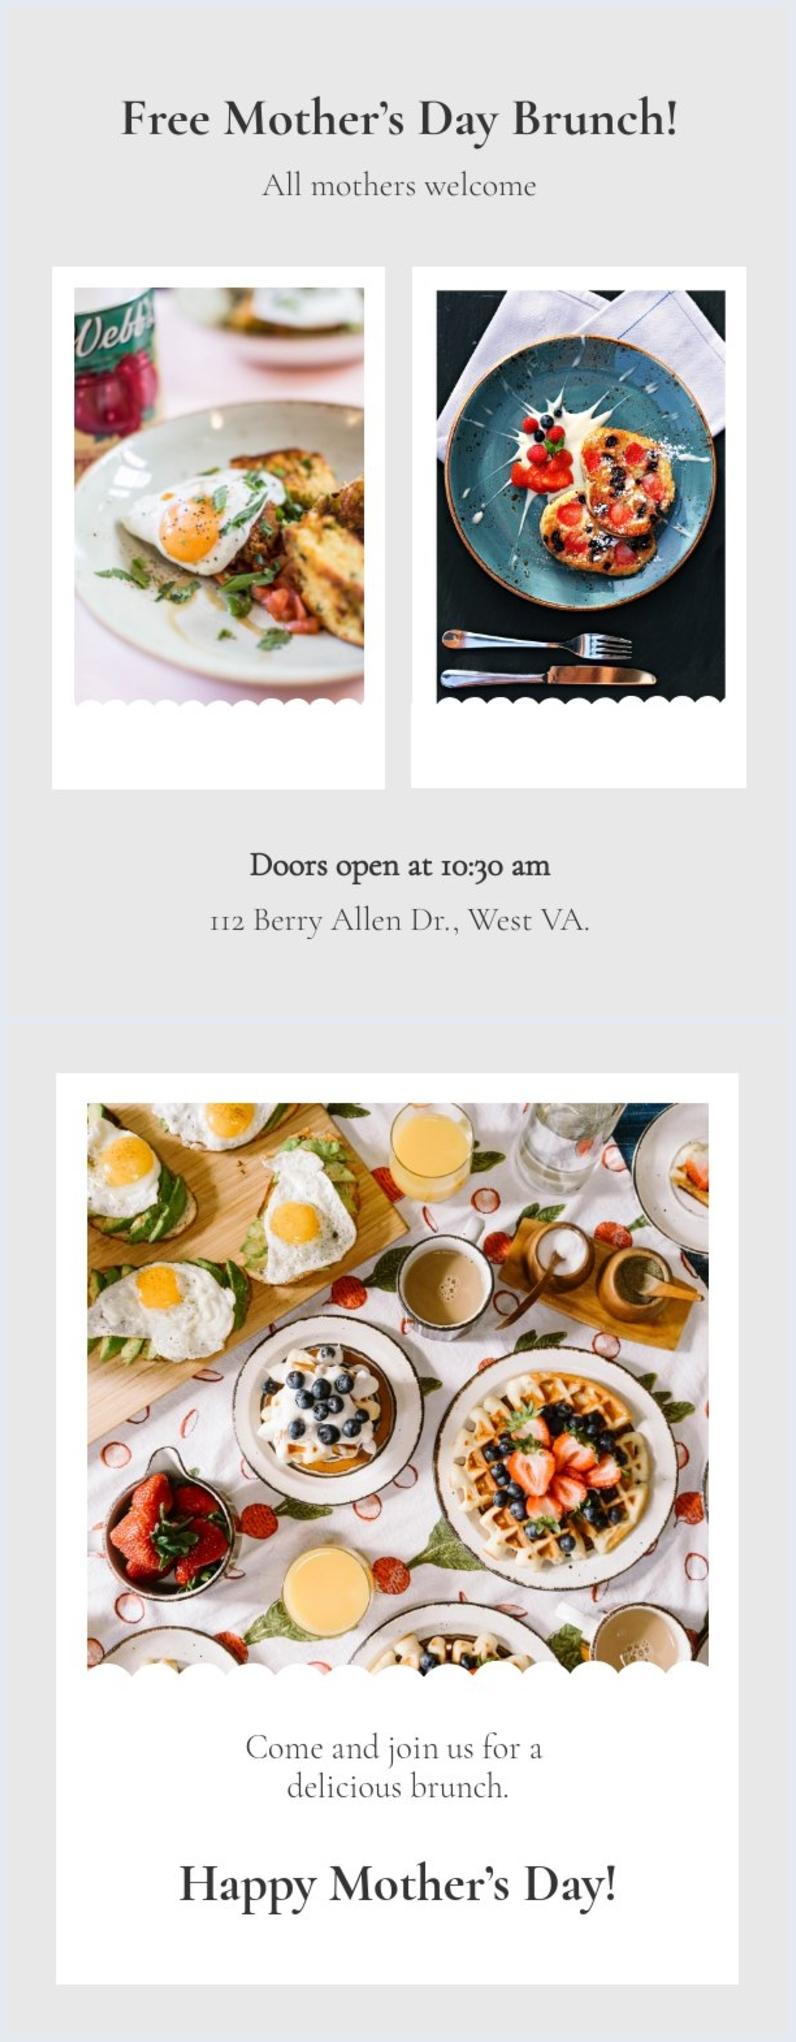 Diseño gratis de invitación al almuerzo del Día de la madre